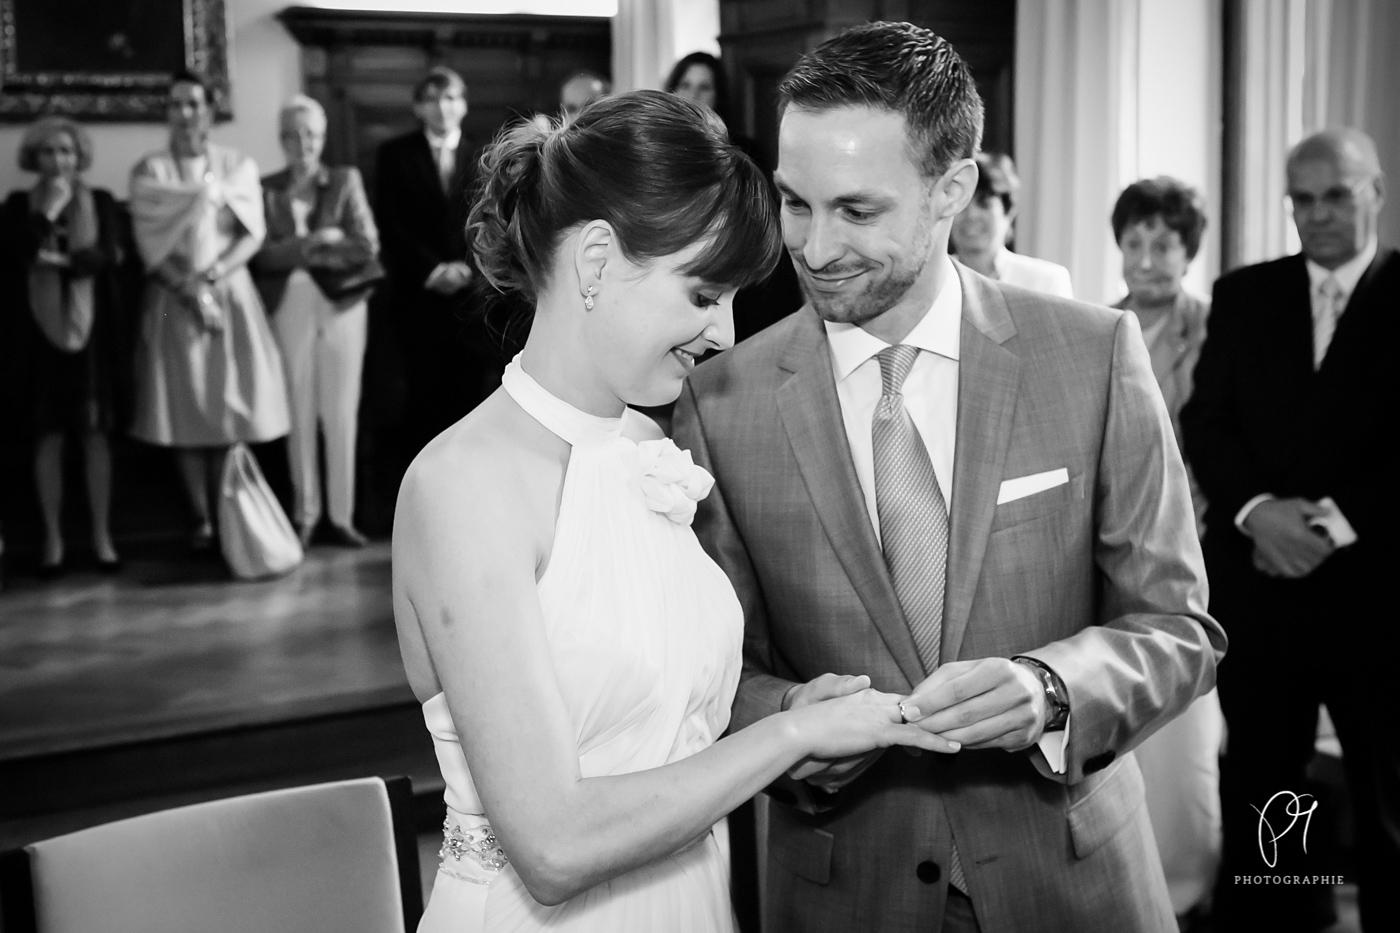 Ein Hochzeitsfoto aus dem Standesamt Inselstr. in Düsseldorf. Der Bräutigam steckt der Braut den Ring an. Aufgenommen wurde das Foto mit der Canon 5d Mark III und mit Lightroom bearbeitet.